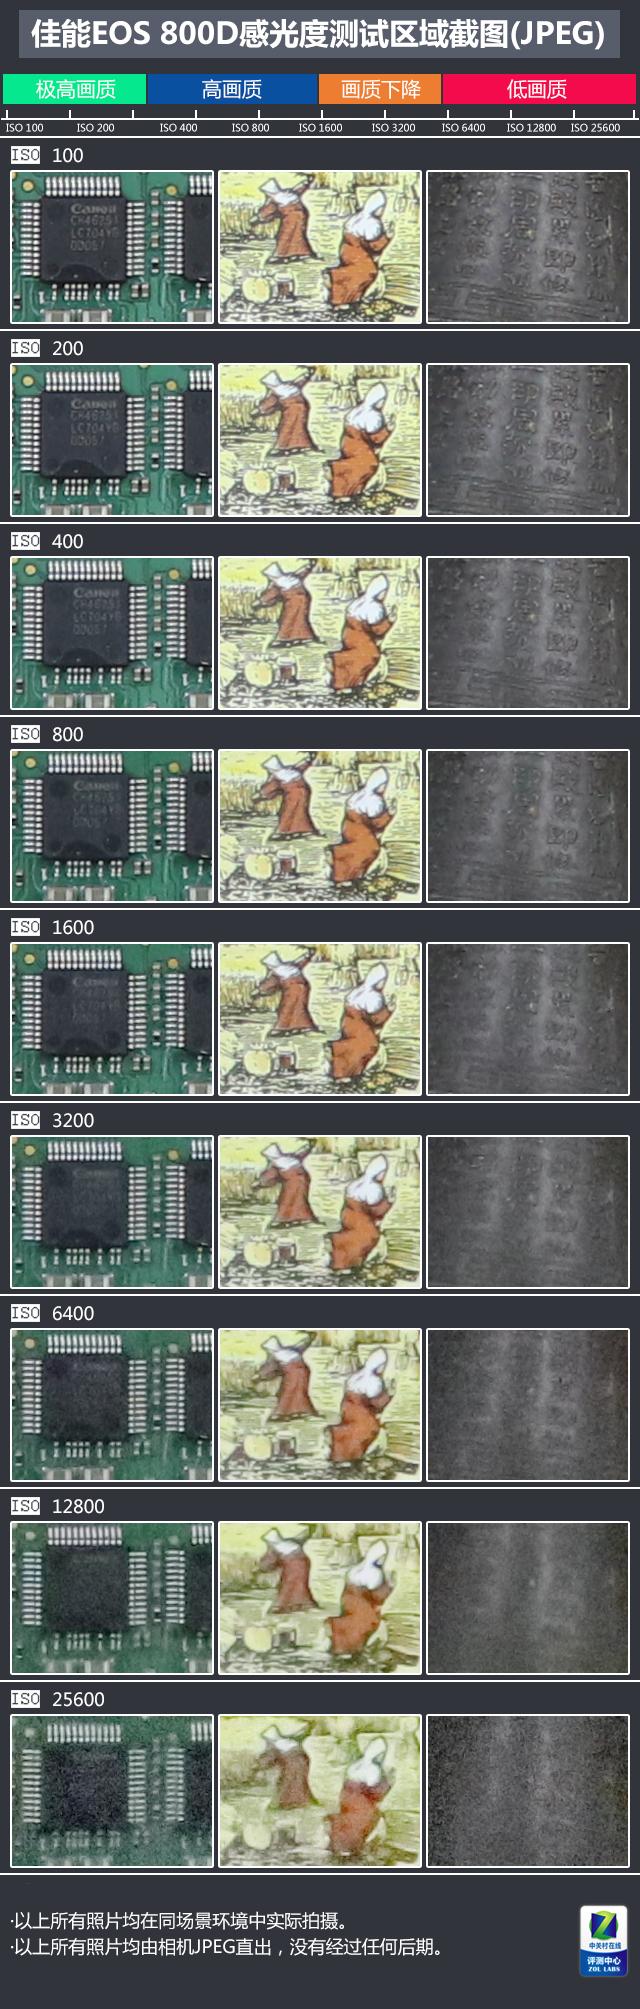 入门单反综合性能最佳 佳能EOS 800D